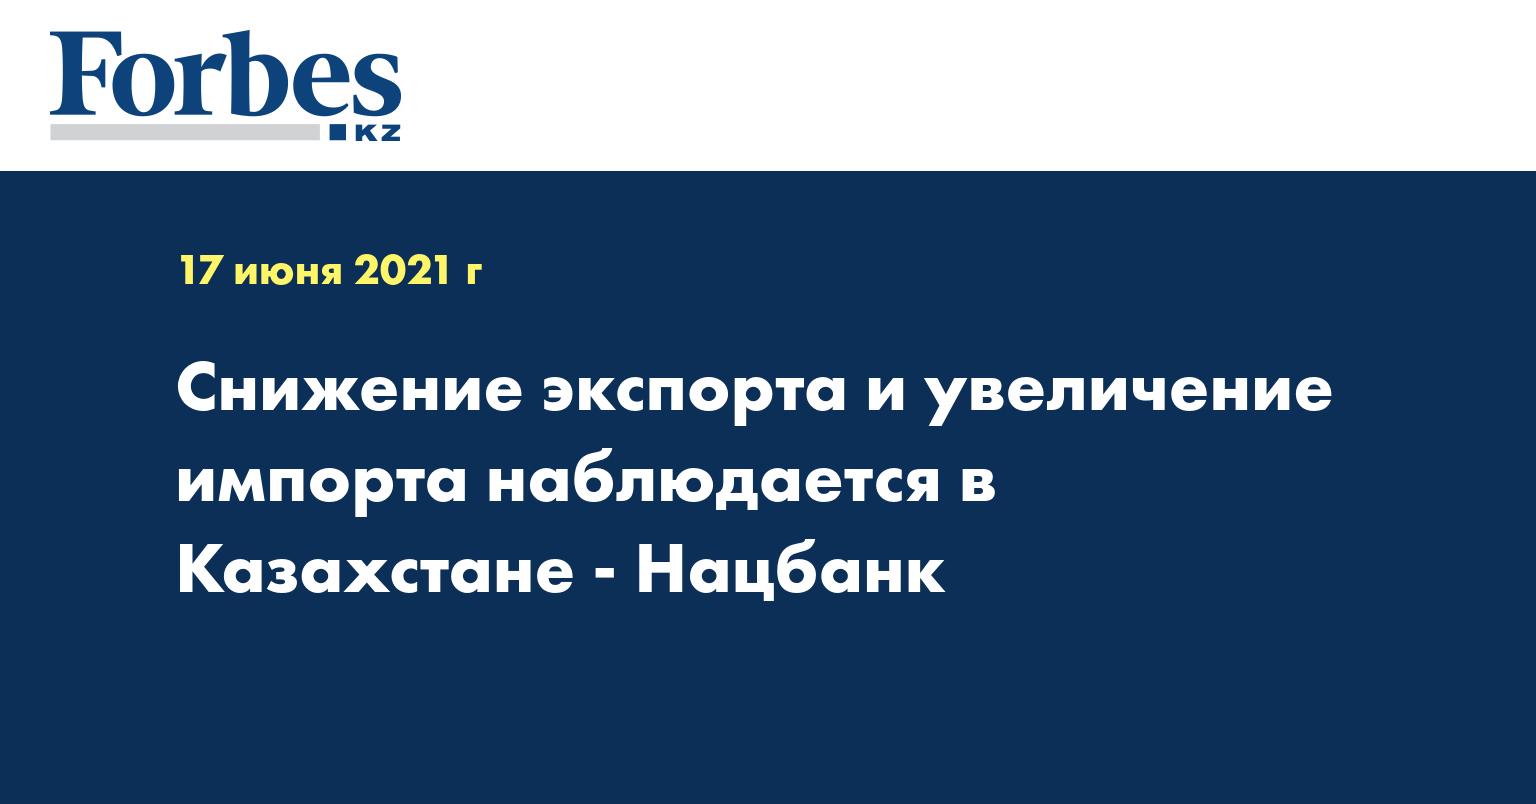 Снижение экспорта и увеличение импорта наблюдается в Казахстане - Нацбанк